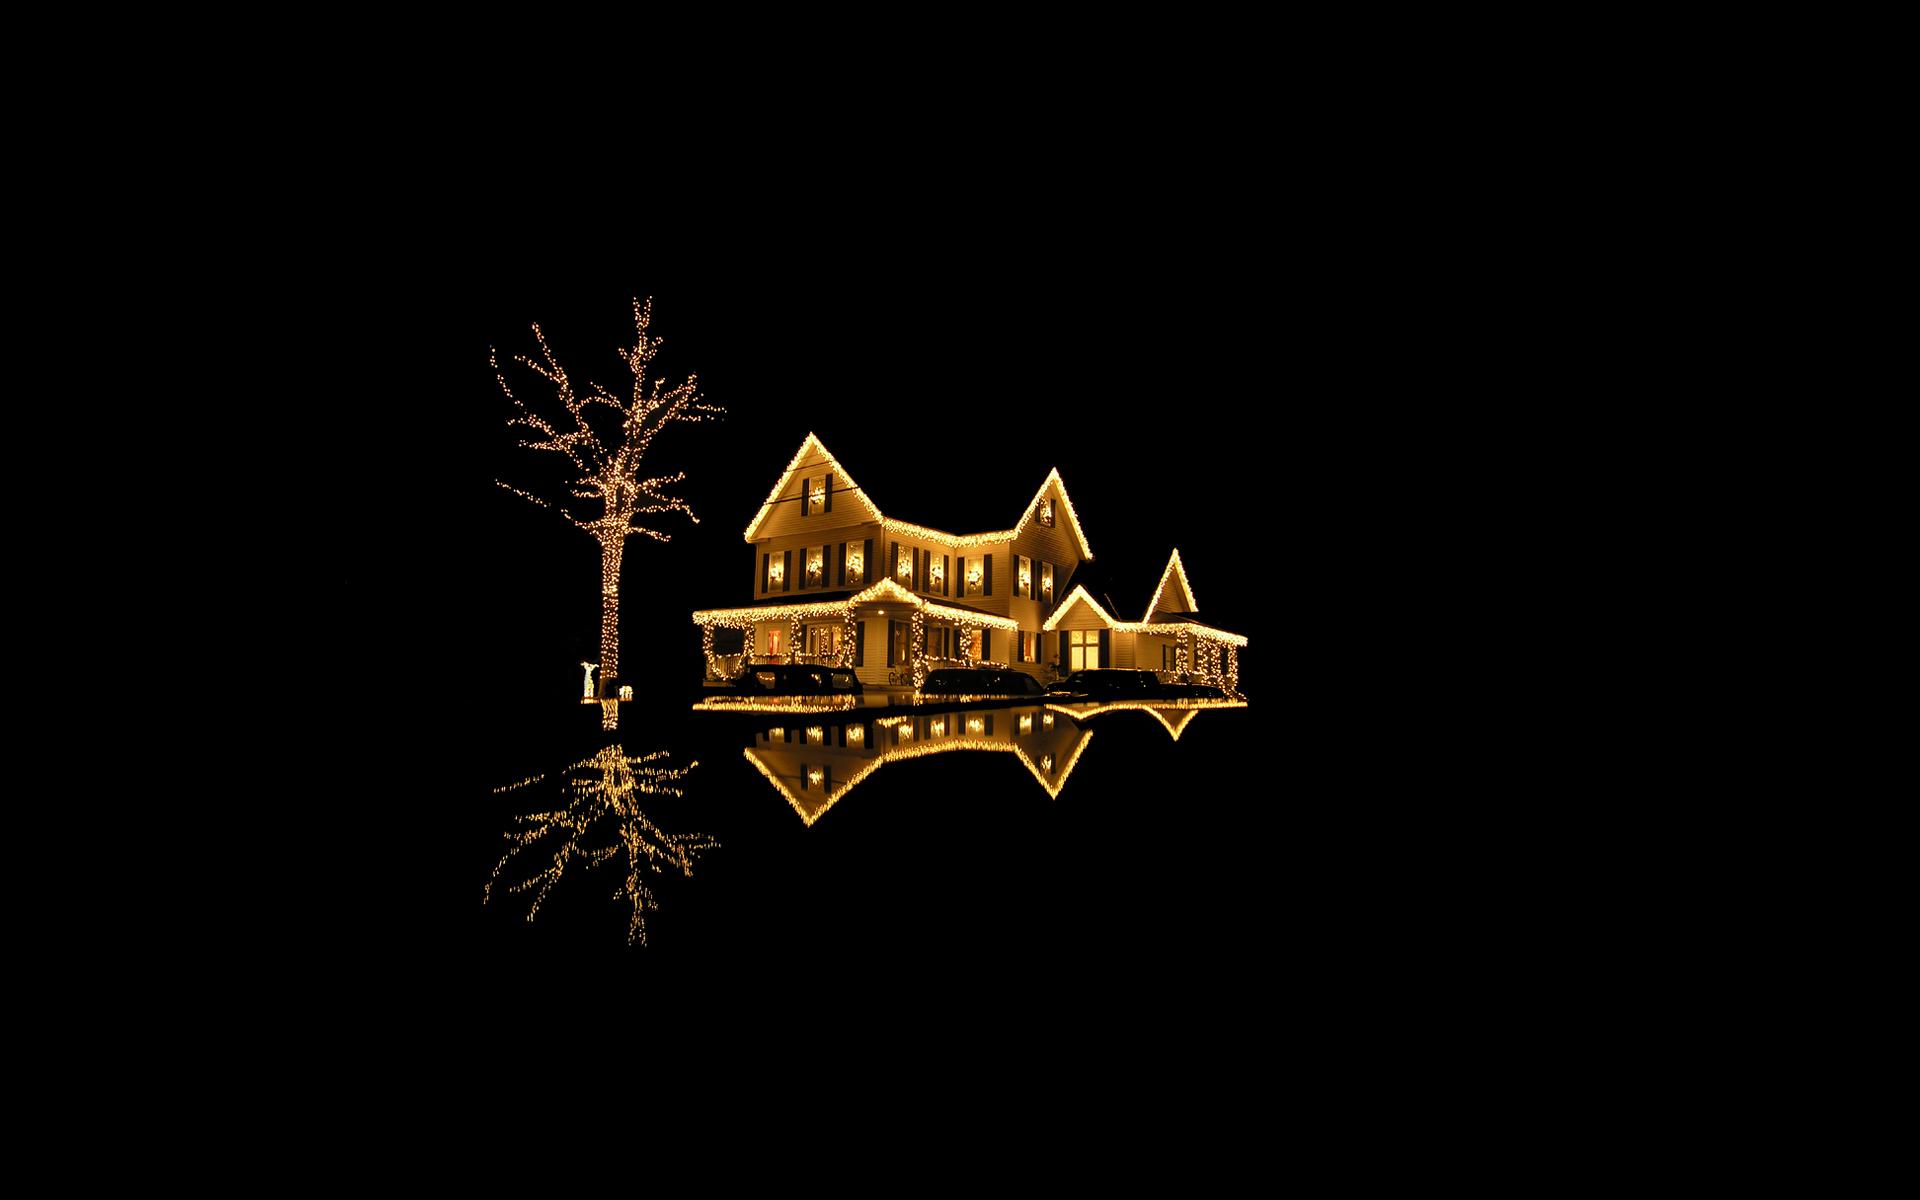 Casa y luces de navidad - 1920x1200